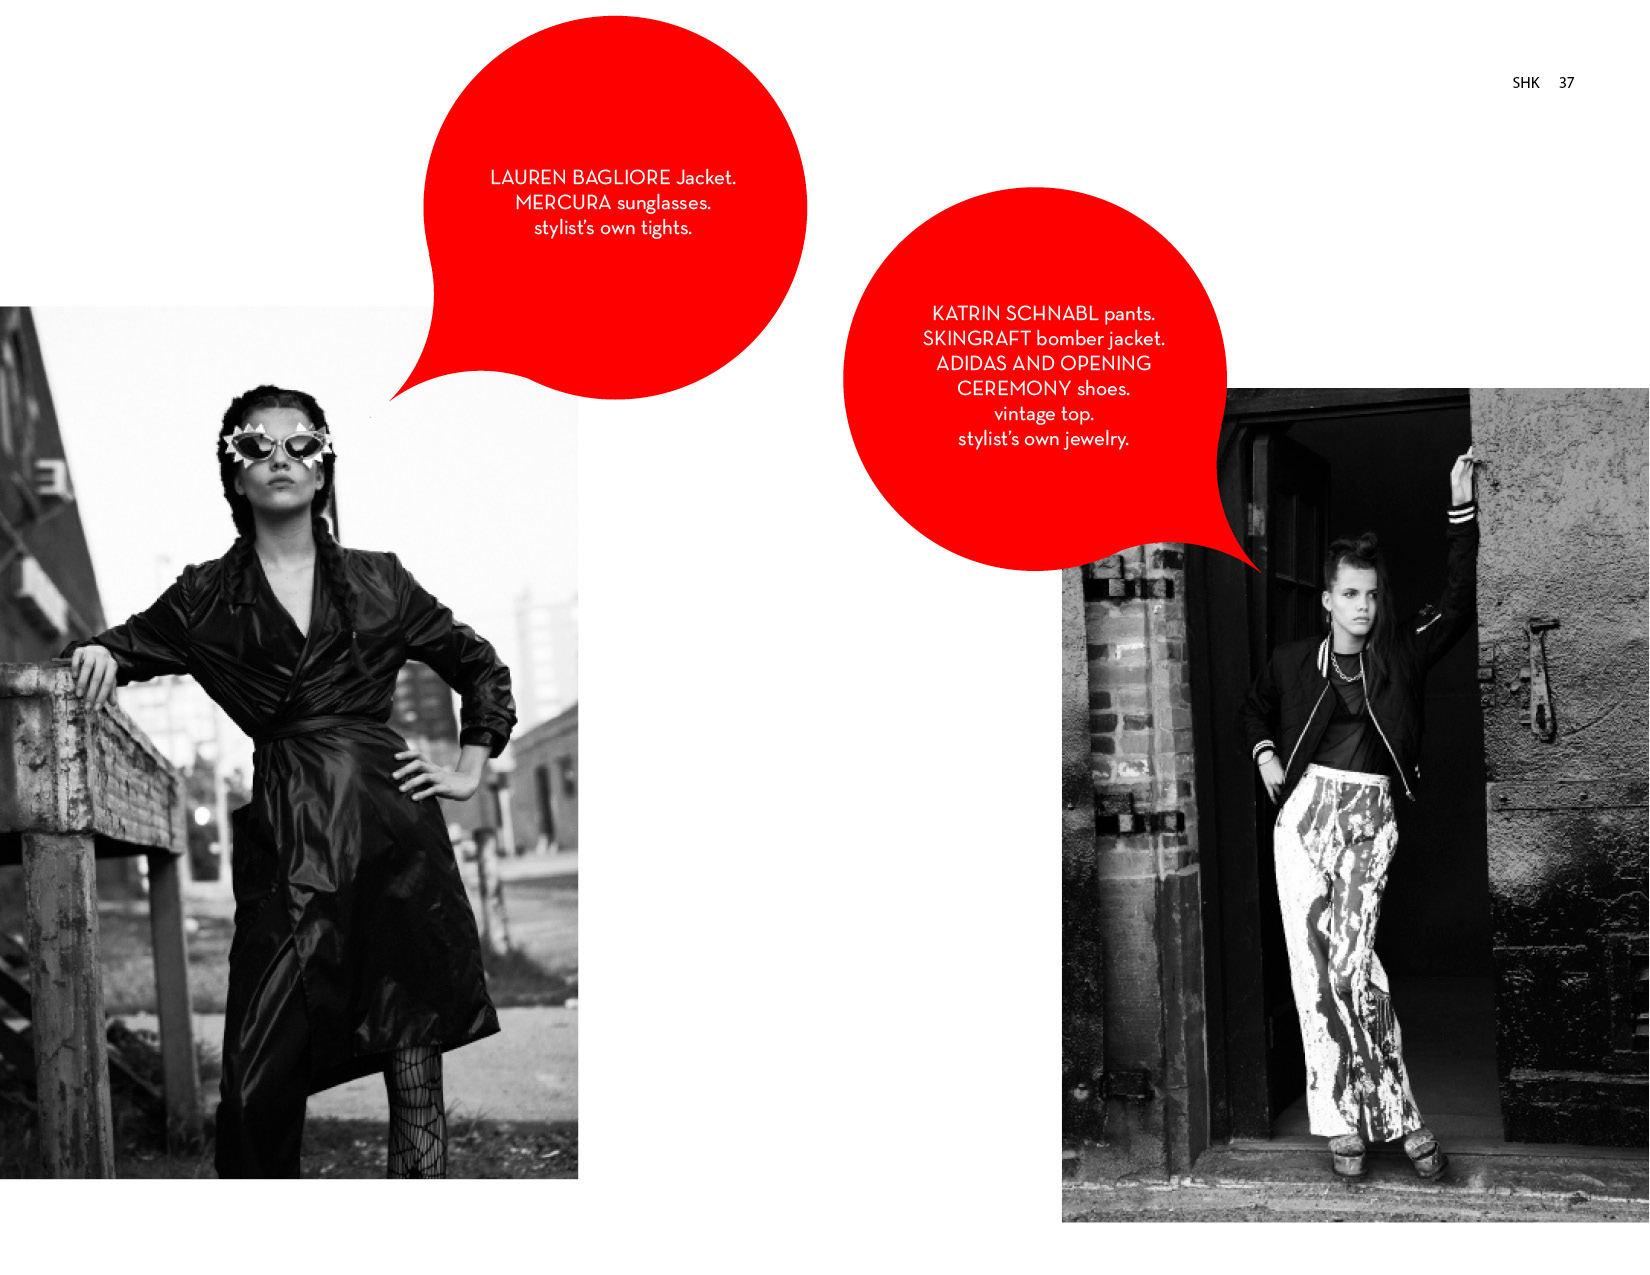 SHK-Summer-Issue-Summer-Needs-No-Explaination-201337.jpg